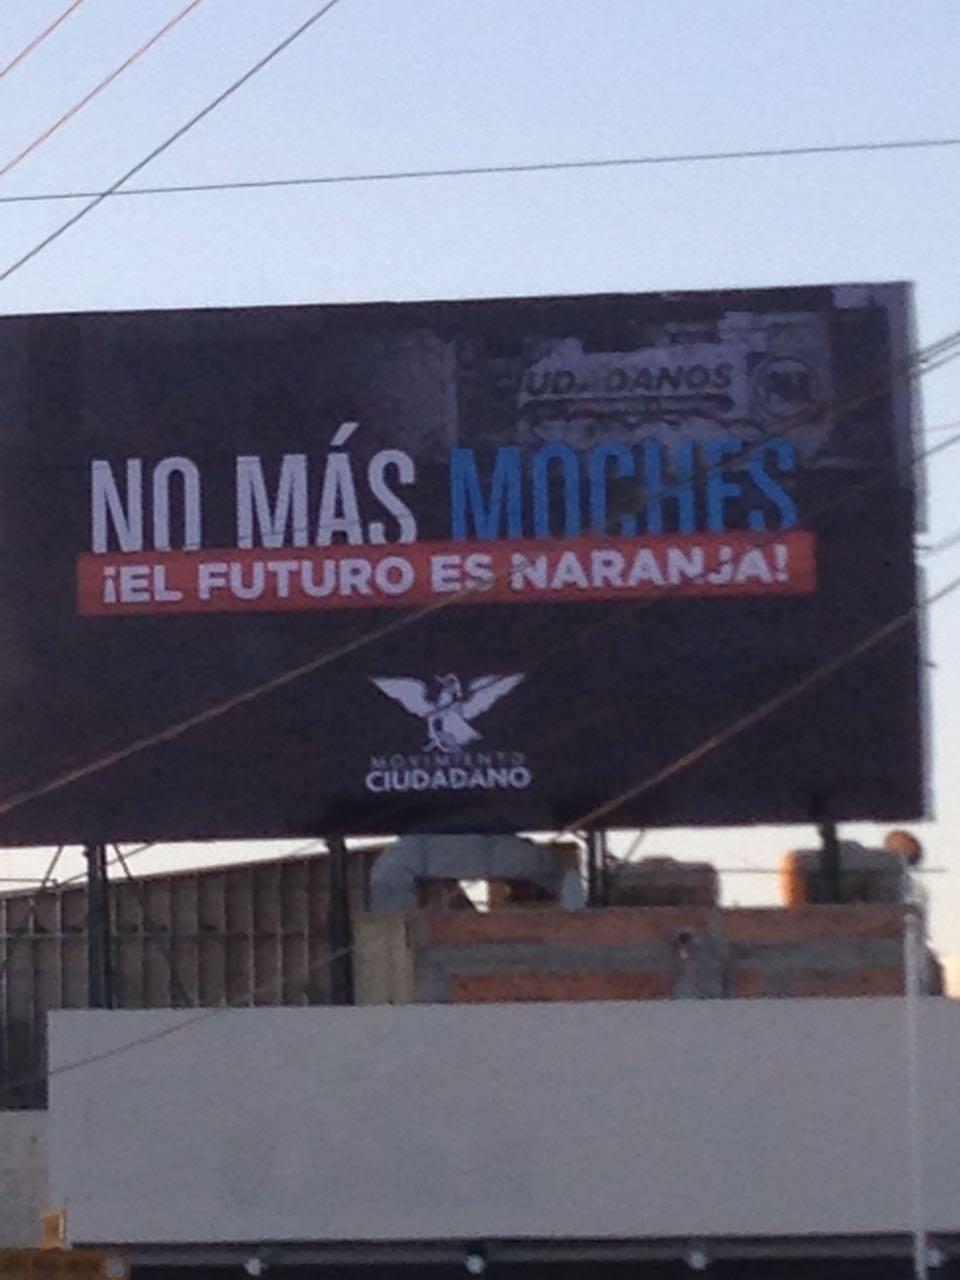 Ataca MC en espectacular a candidata del PAN a la alcaldía de Ags